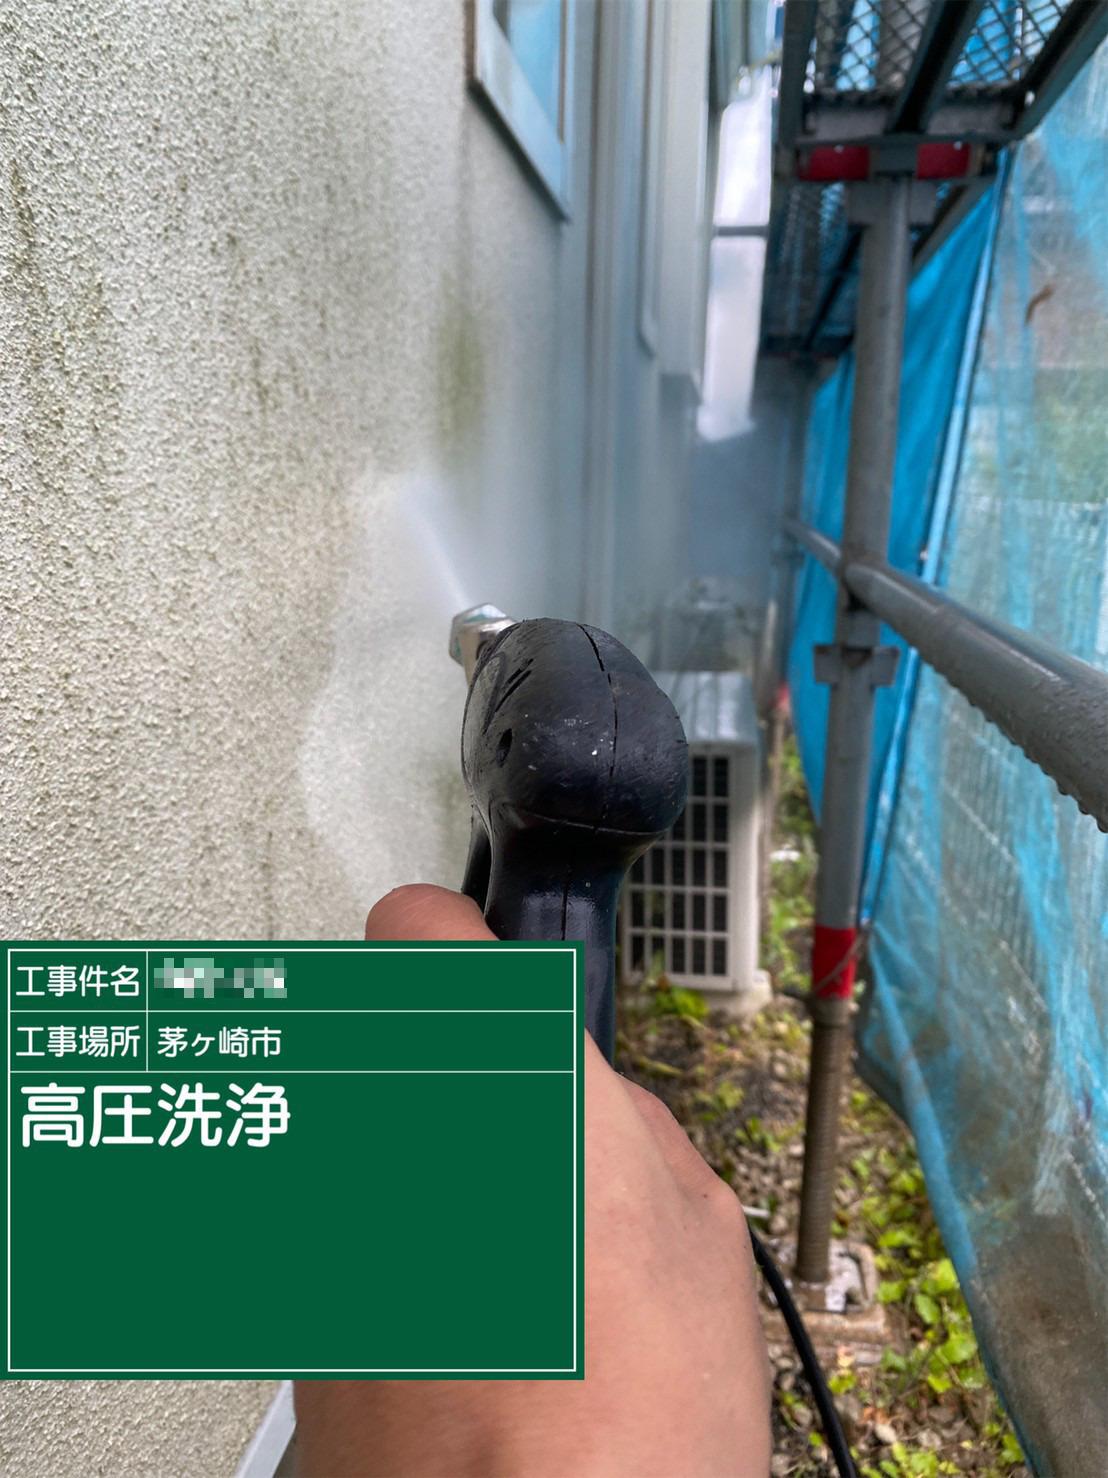 高圧洗浄の画像